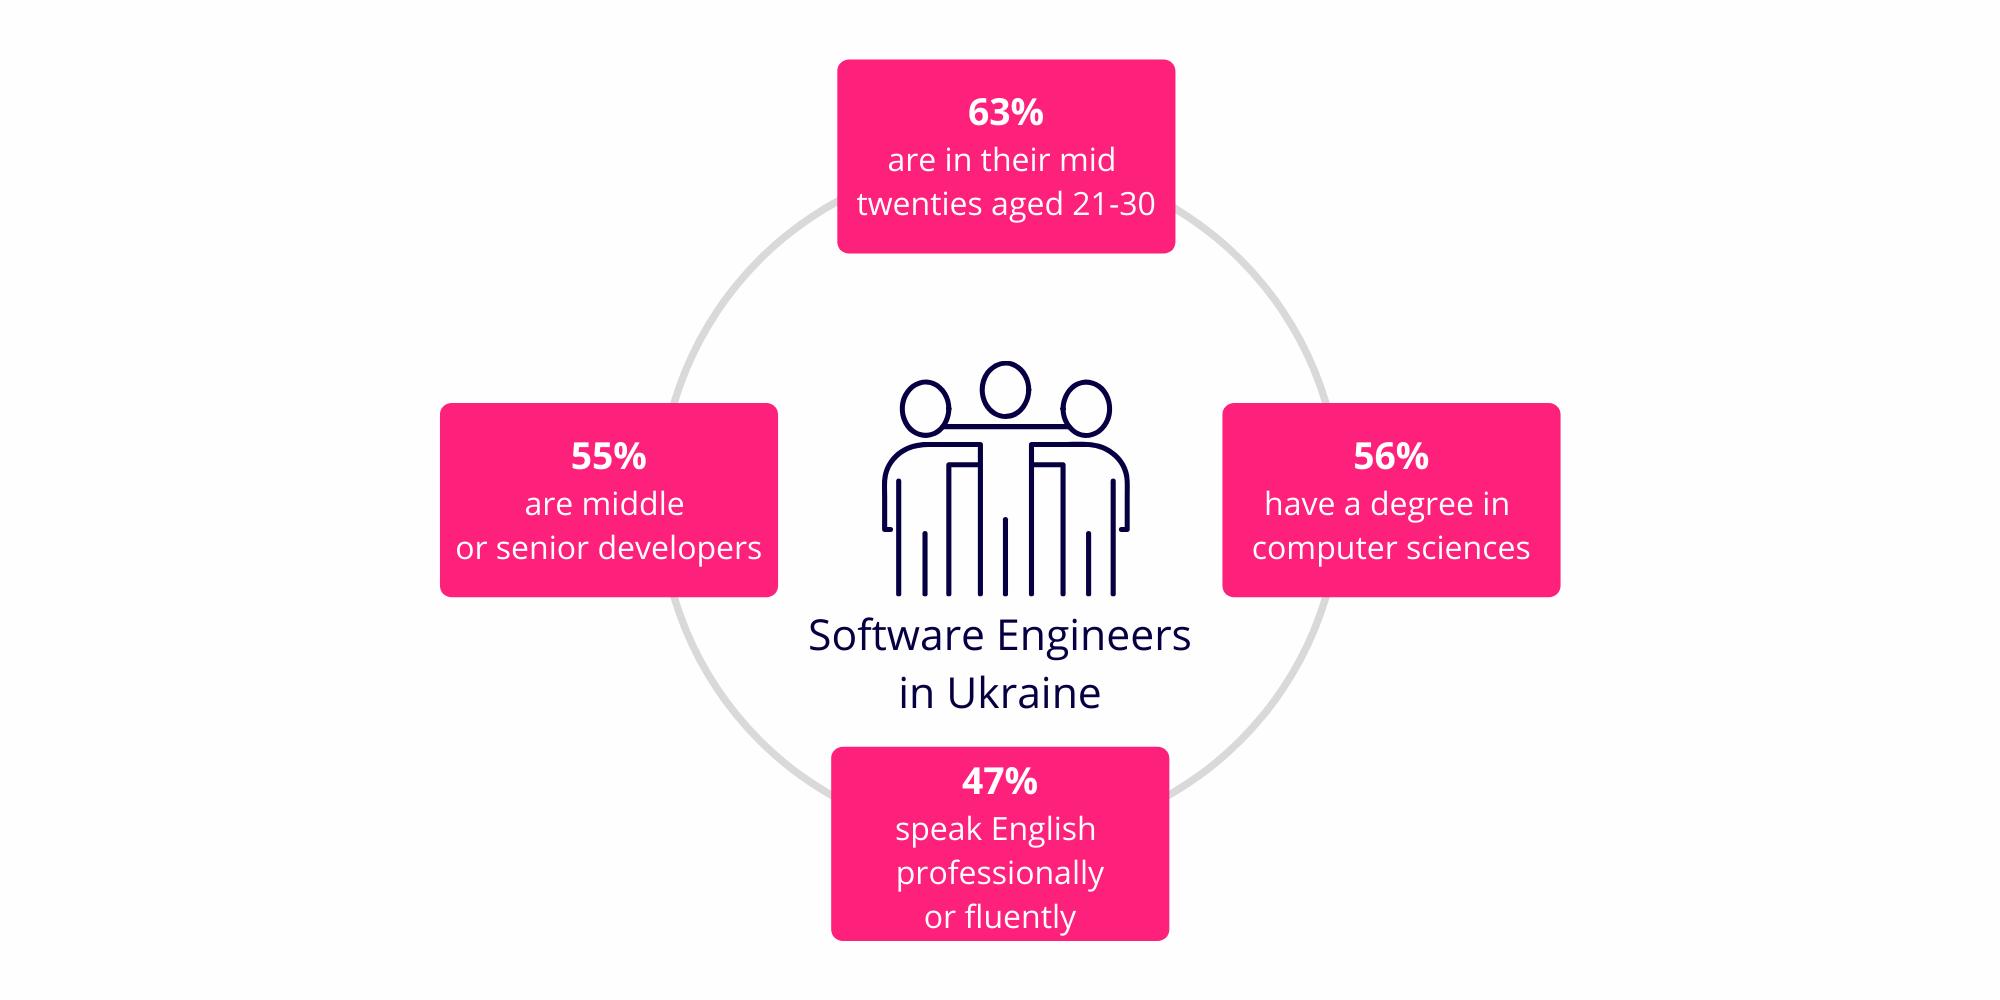 software-engineers-in-ukraine